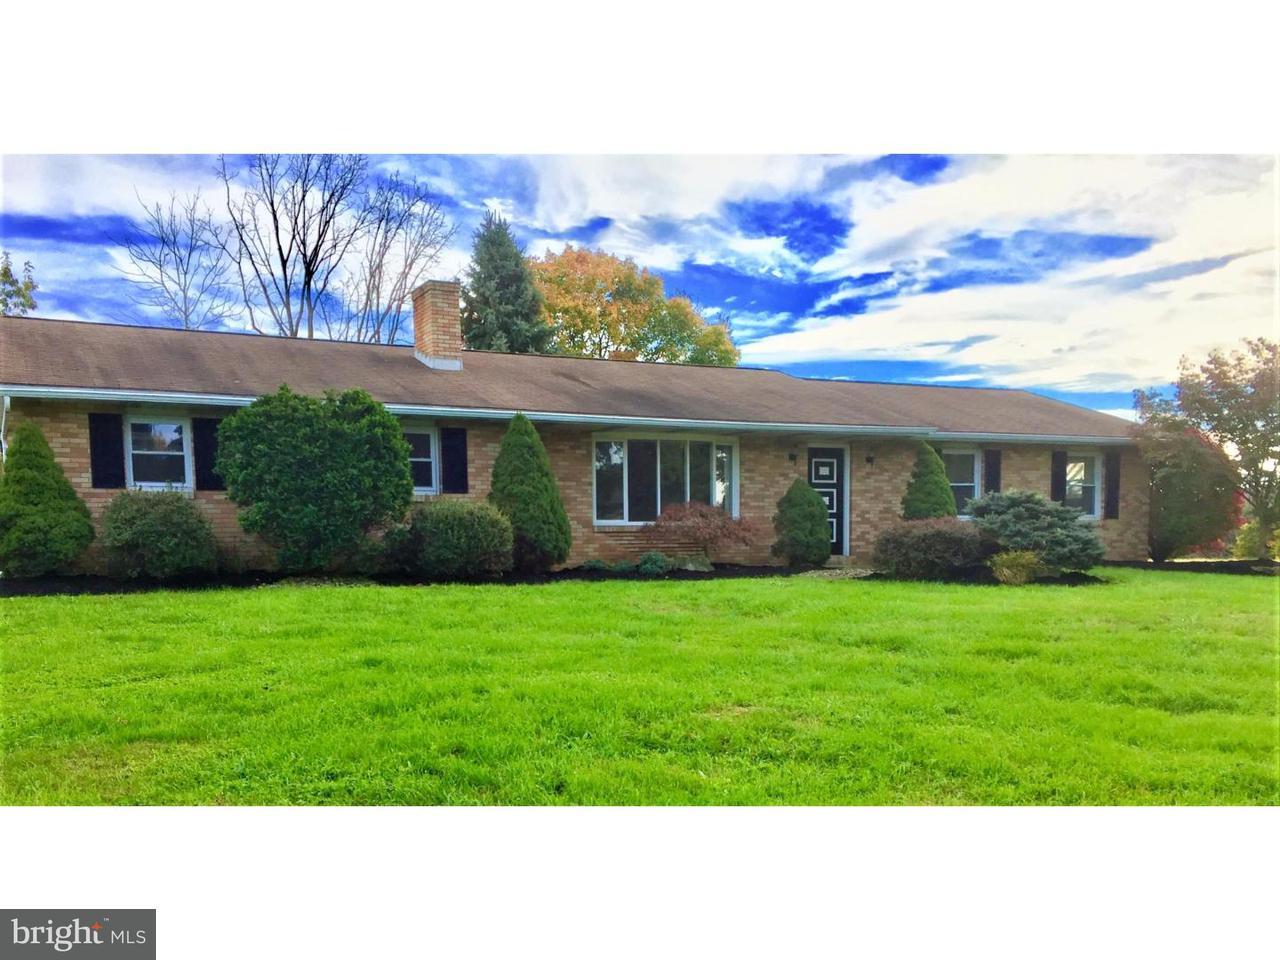 独户住宅 为 销售 在 8164 ELM Road Alburtis, 宾夕法尼亚州 18011 美国